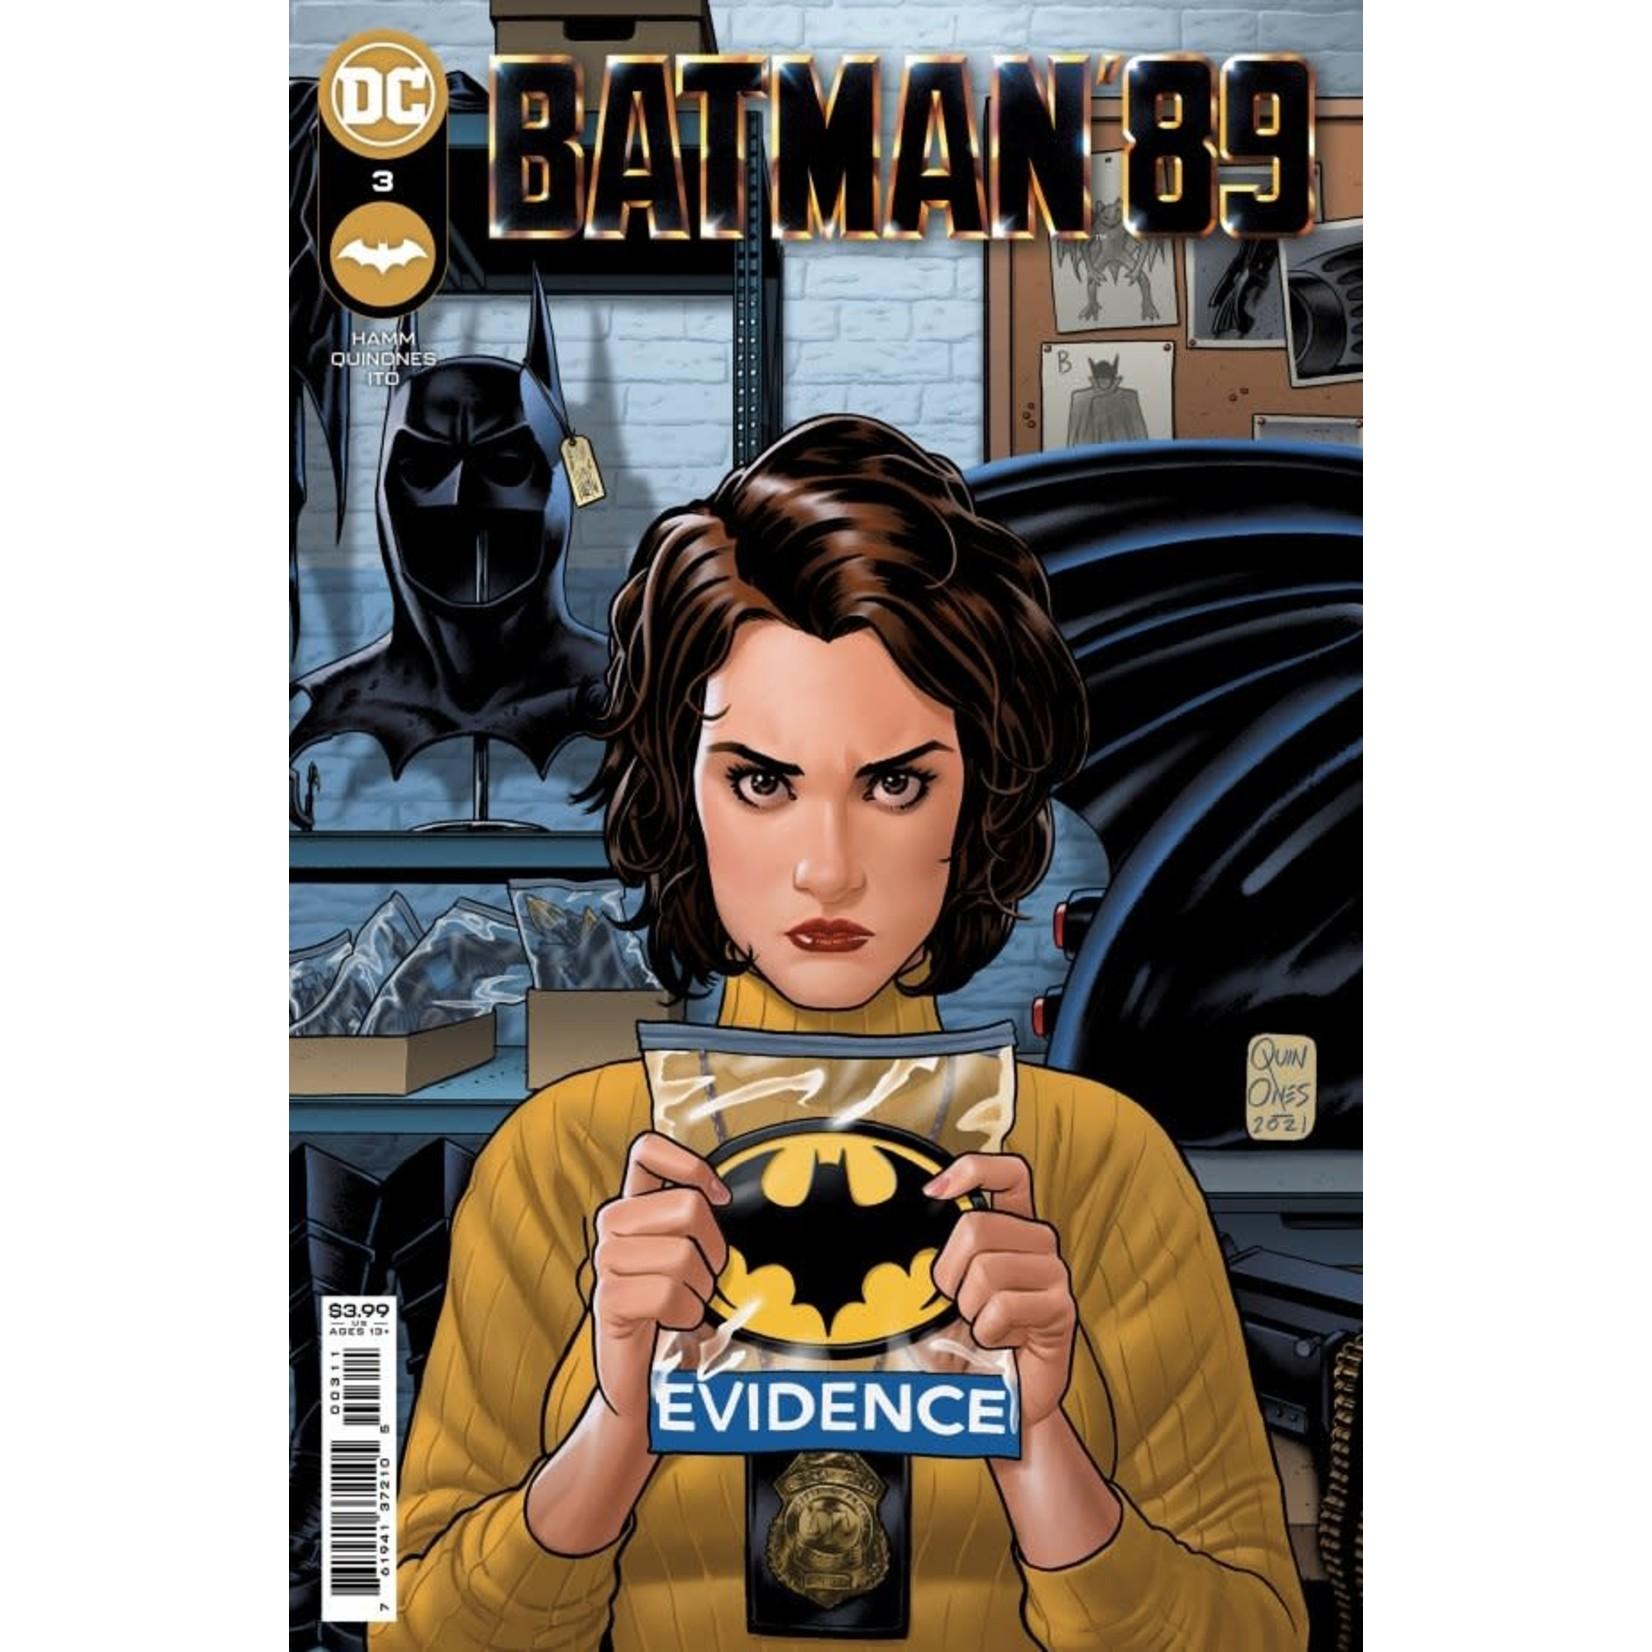 DC Comics Batman '89 #3